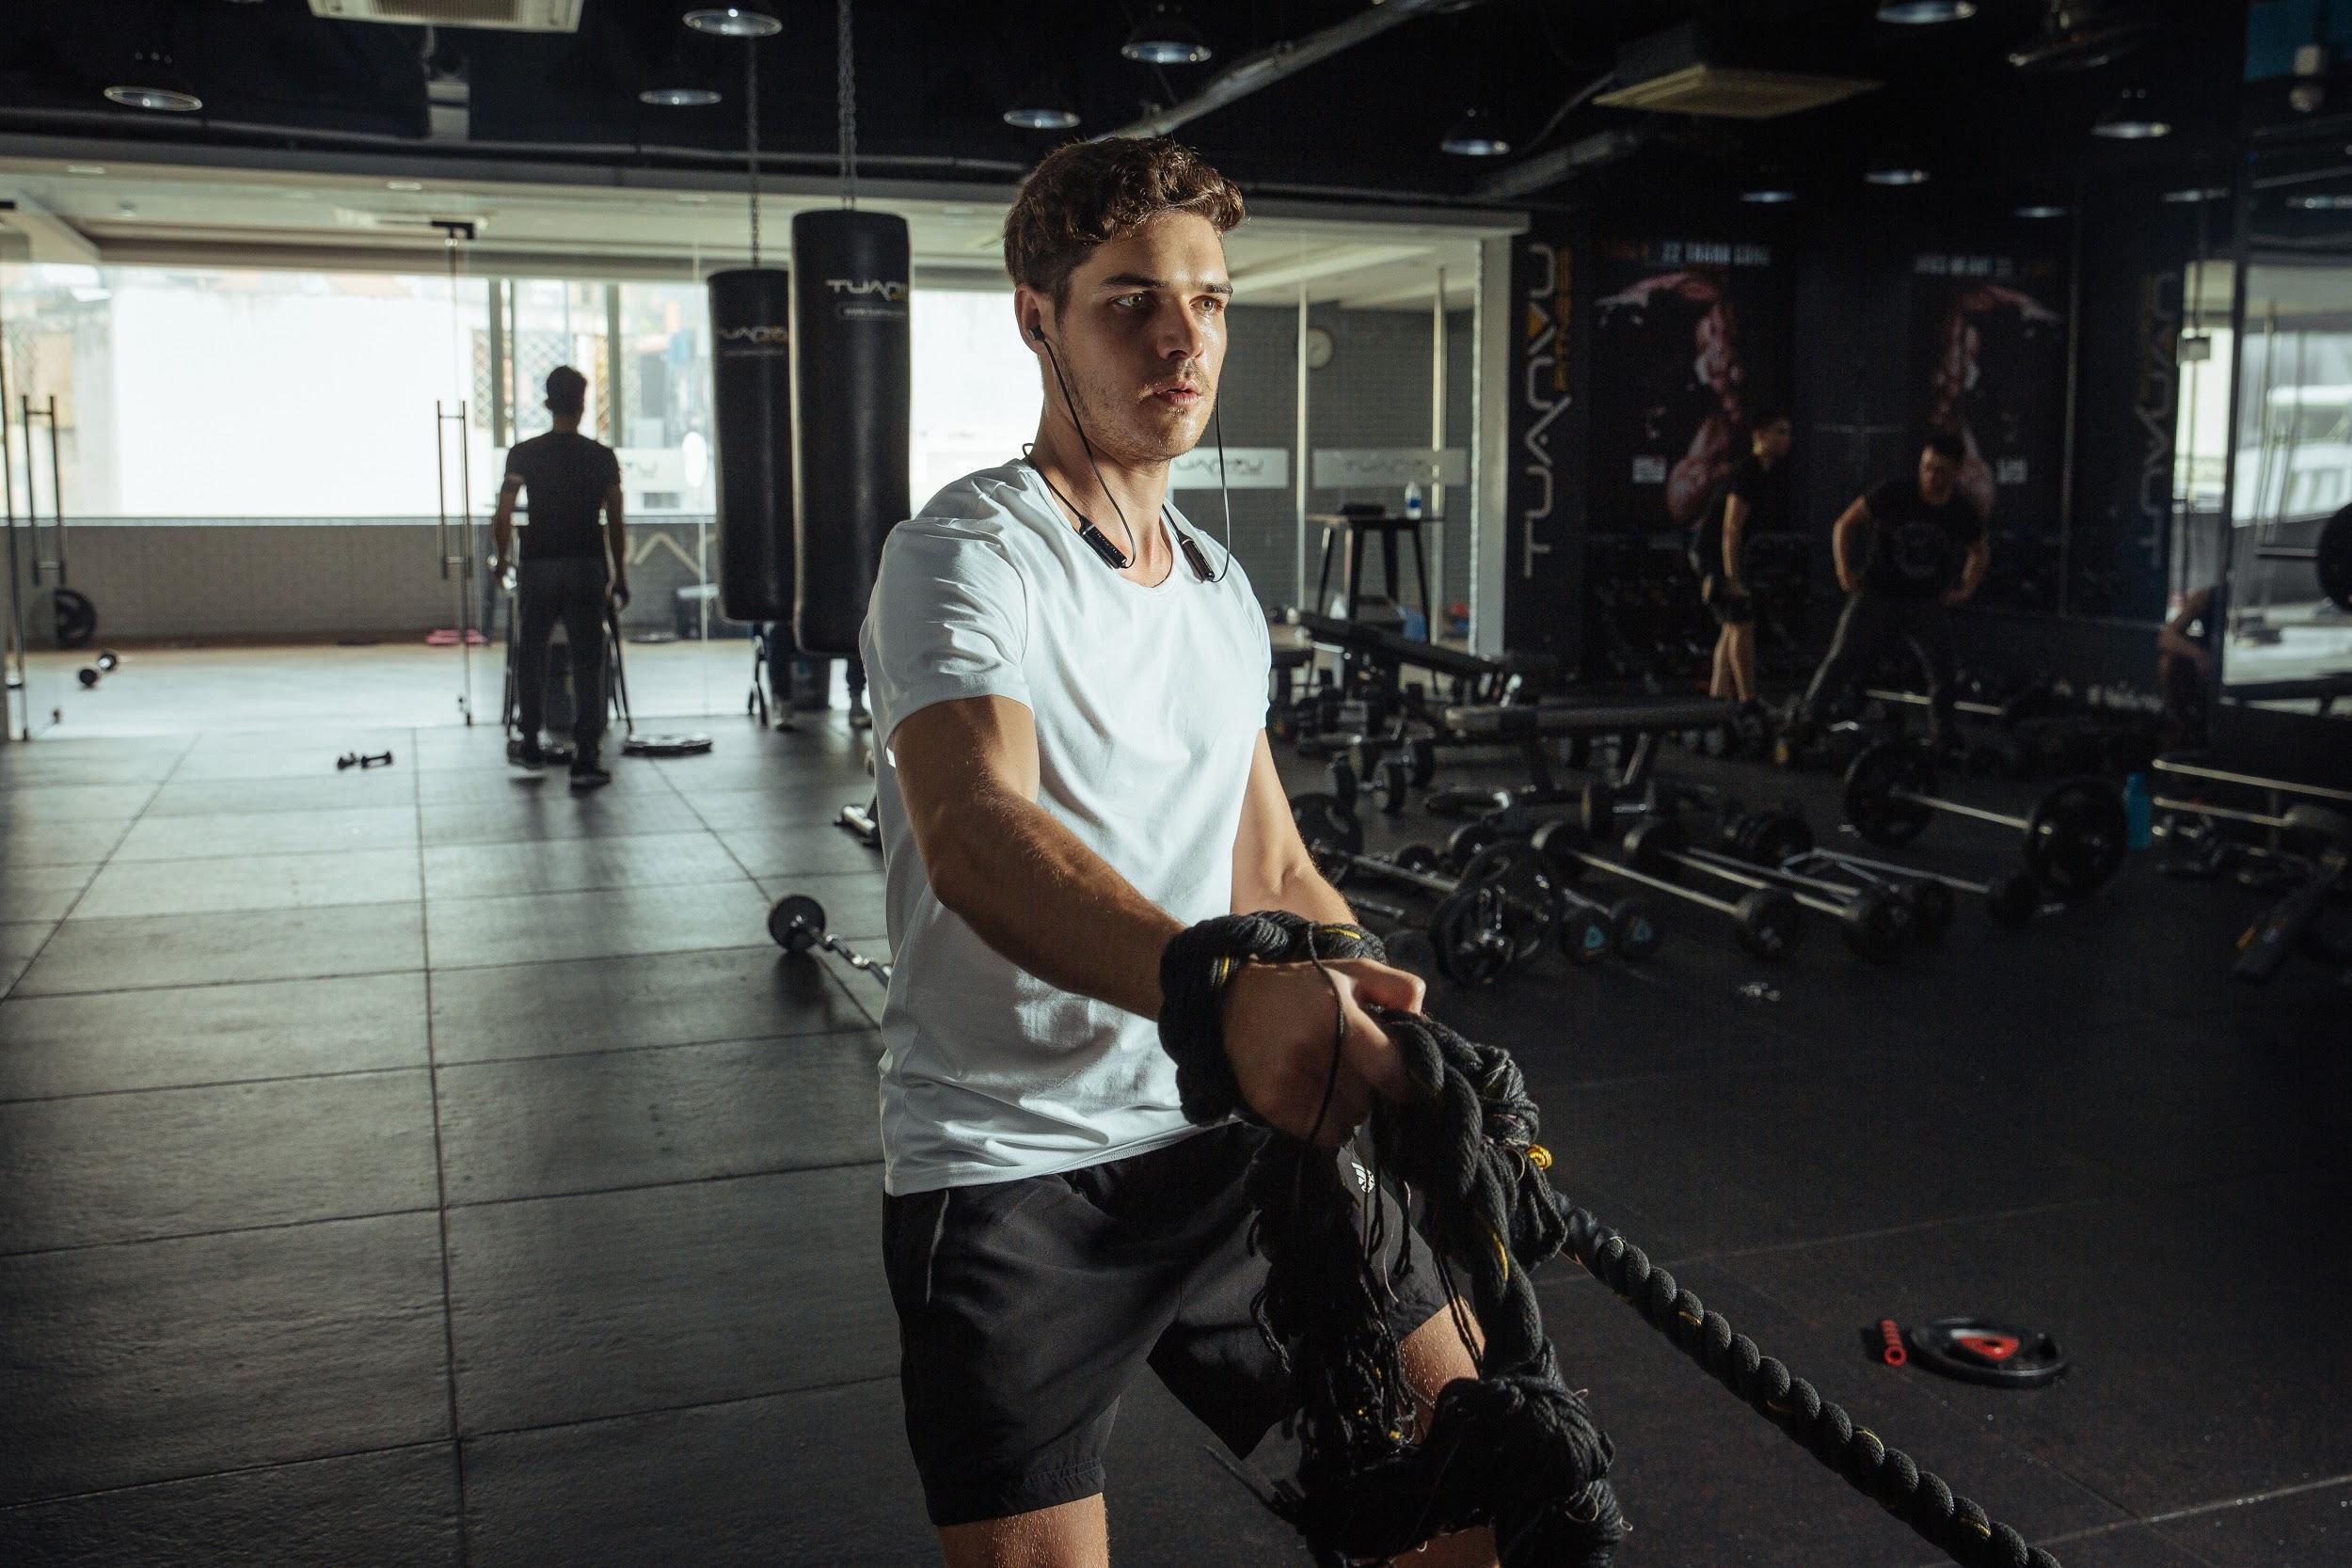 Người bạn tri kỷ giúp tôi vượt qua sức ỳ khi đi tập gym một mình - Ảnh 1.